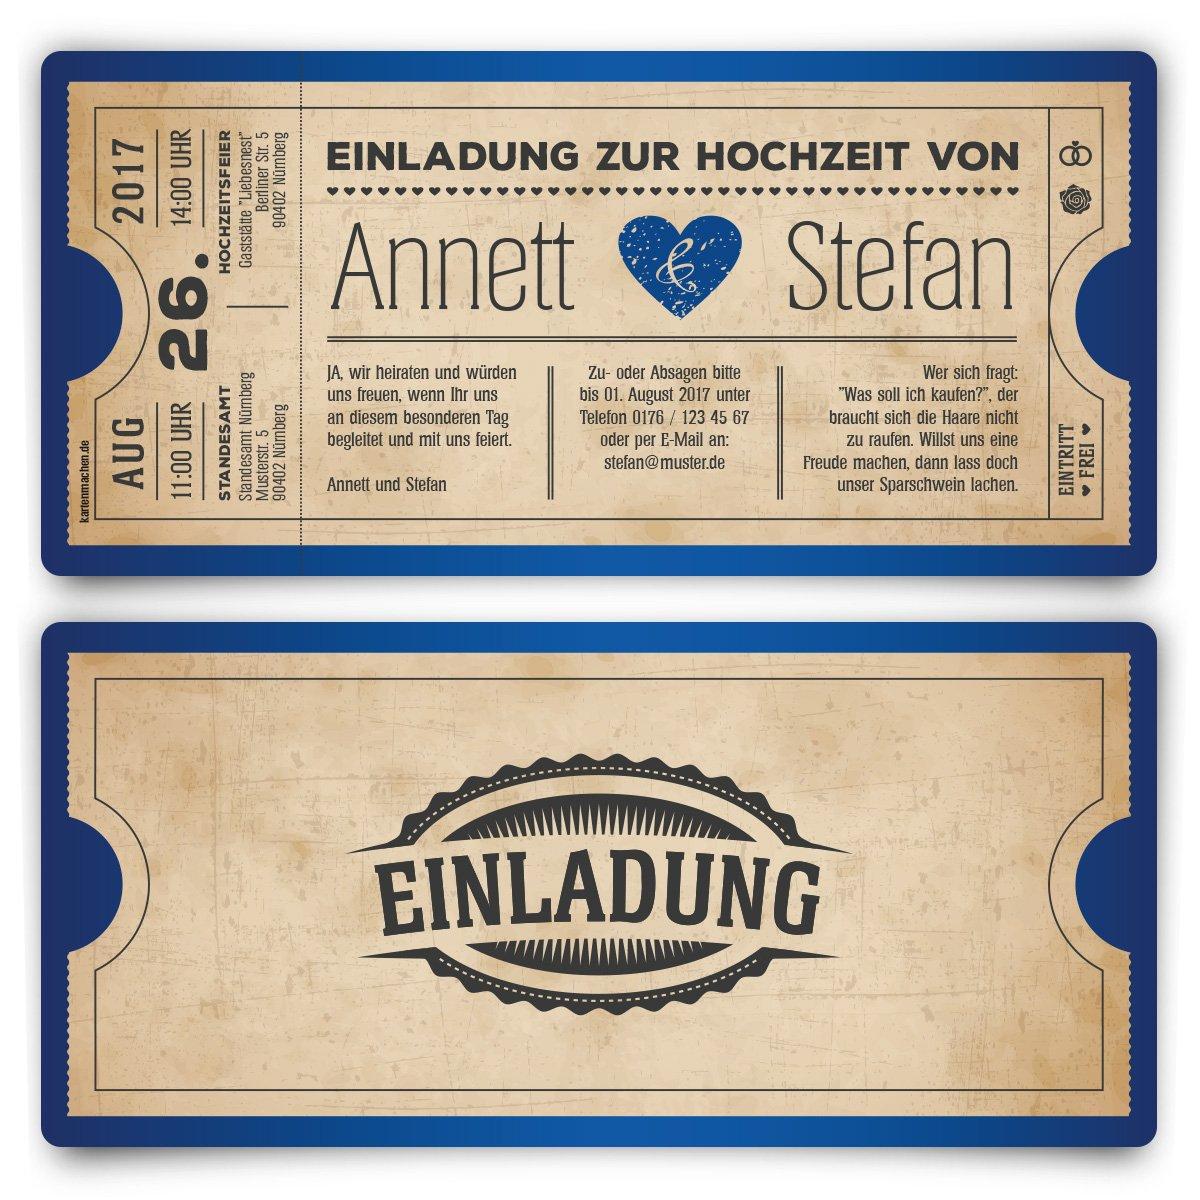 Einladungskarten Zur Hochzeit (30 Stück) Als Eintrittskarte Vintage Herz  Retro Einladung Karte In Rot: Amazon.de: Bürobedarf U0026 Schreibwaren